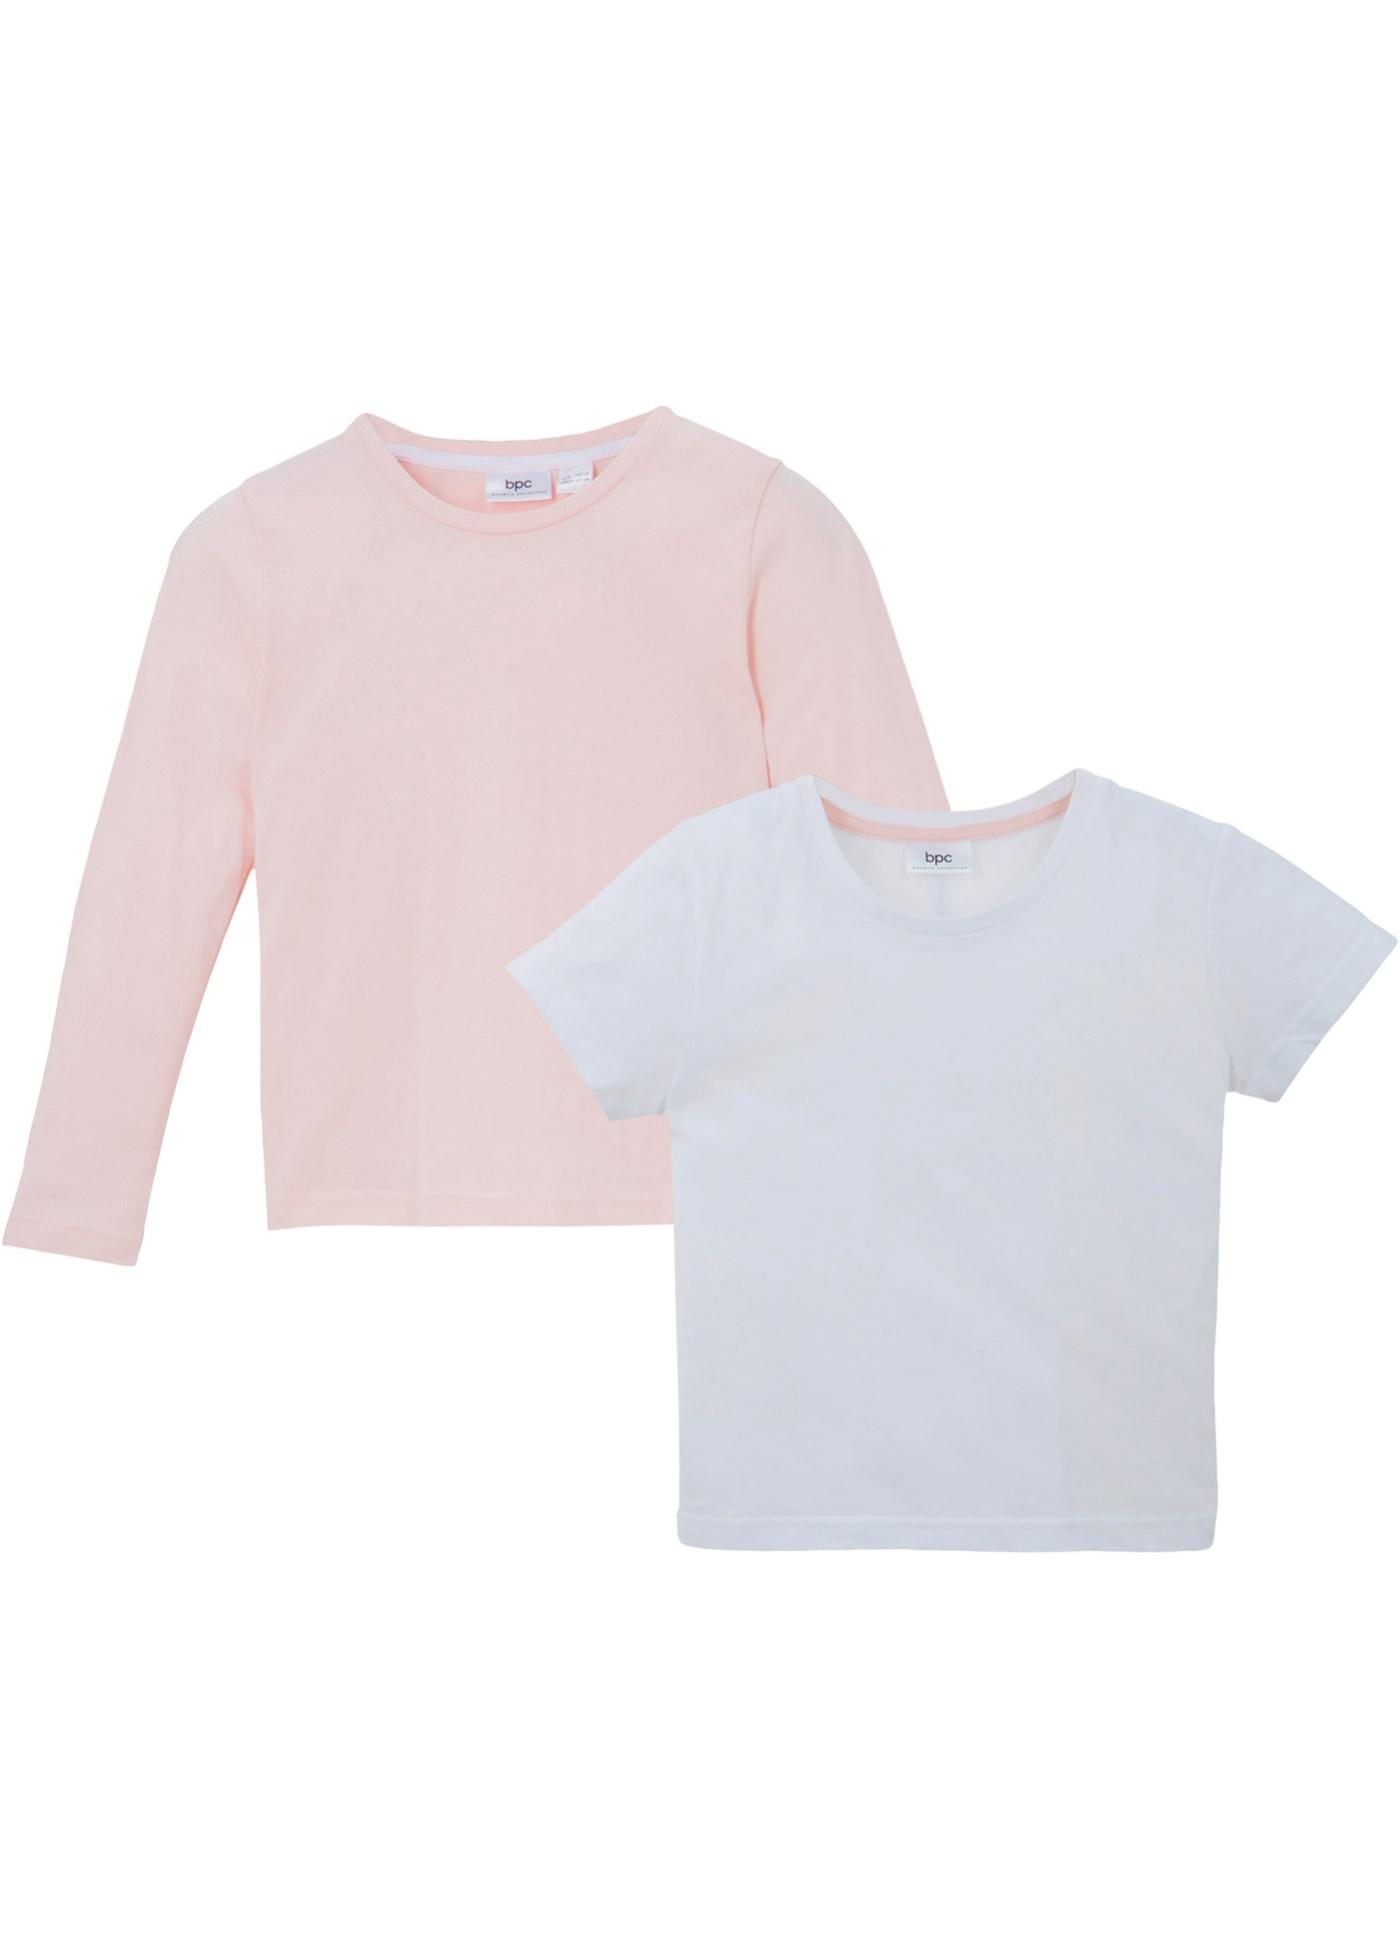 Mädchen T-Shirt + Langarmshirt (2-tlg.), extraweit in weiß für Mädchen von bonprix